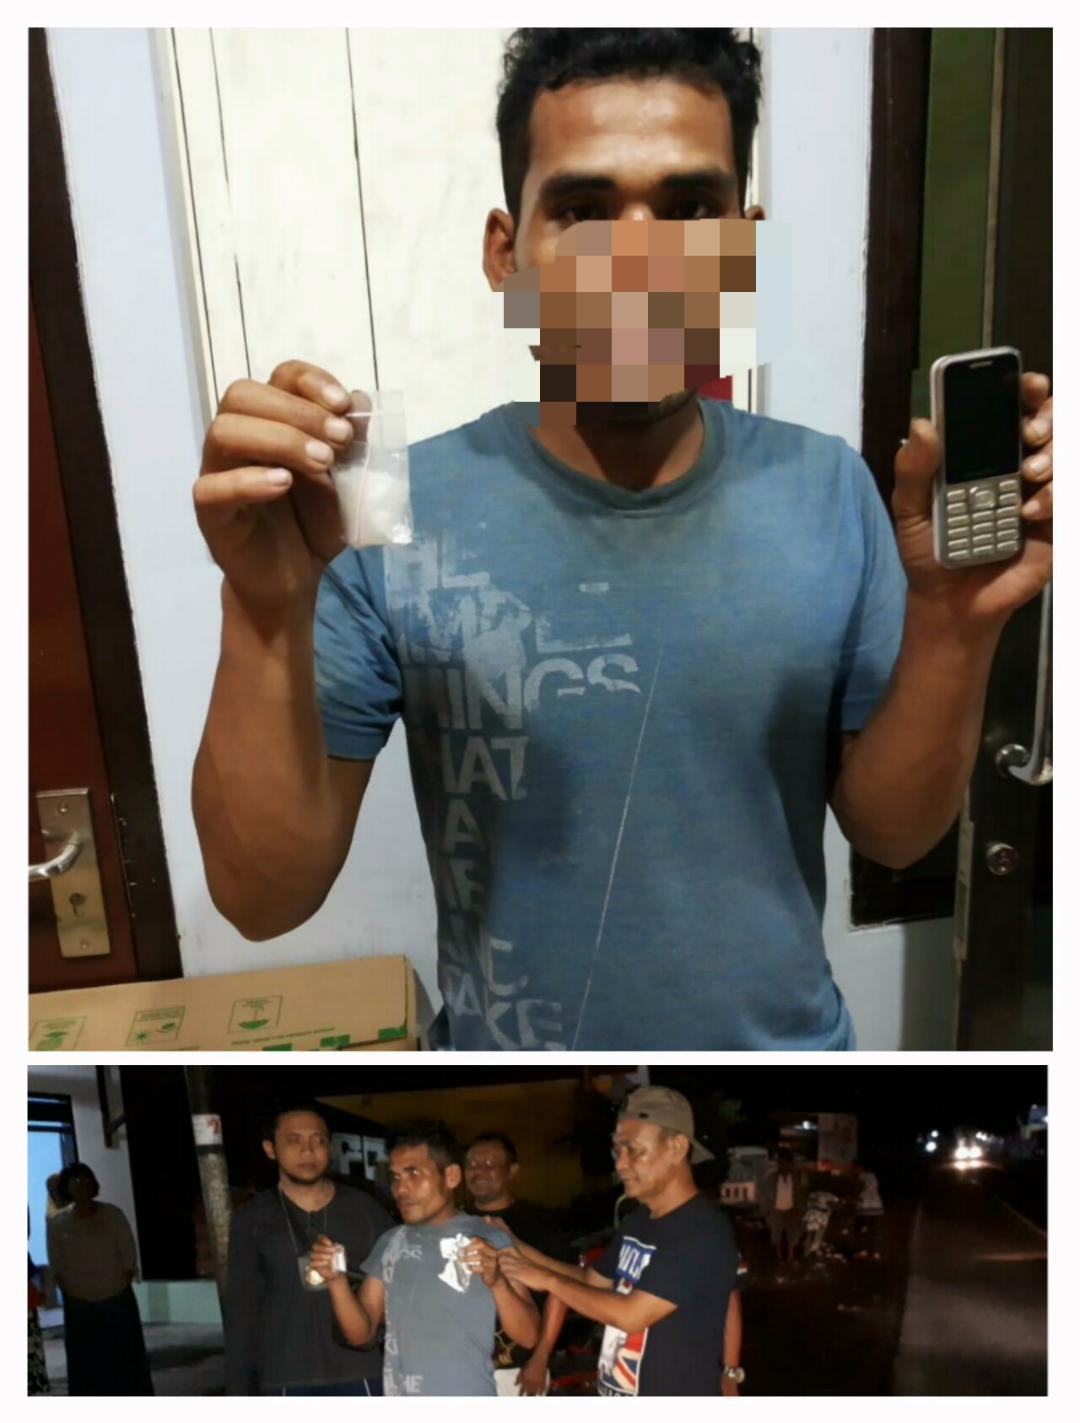 Pria Tak Pernah Jera Tertangkap Polisi Dengan Kasus Yang Sama